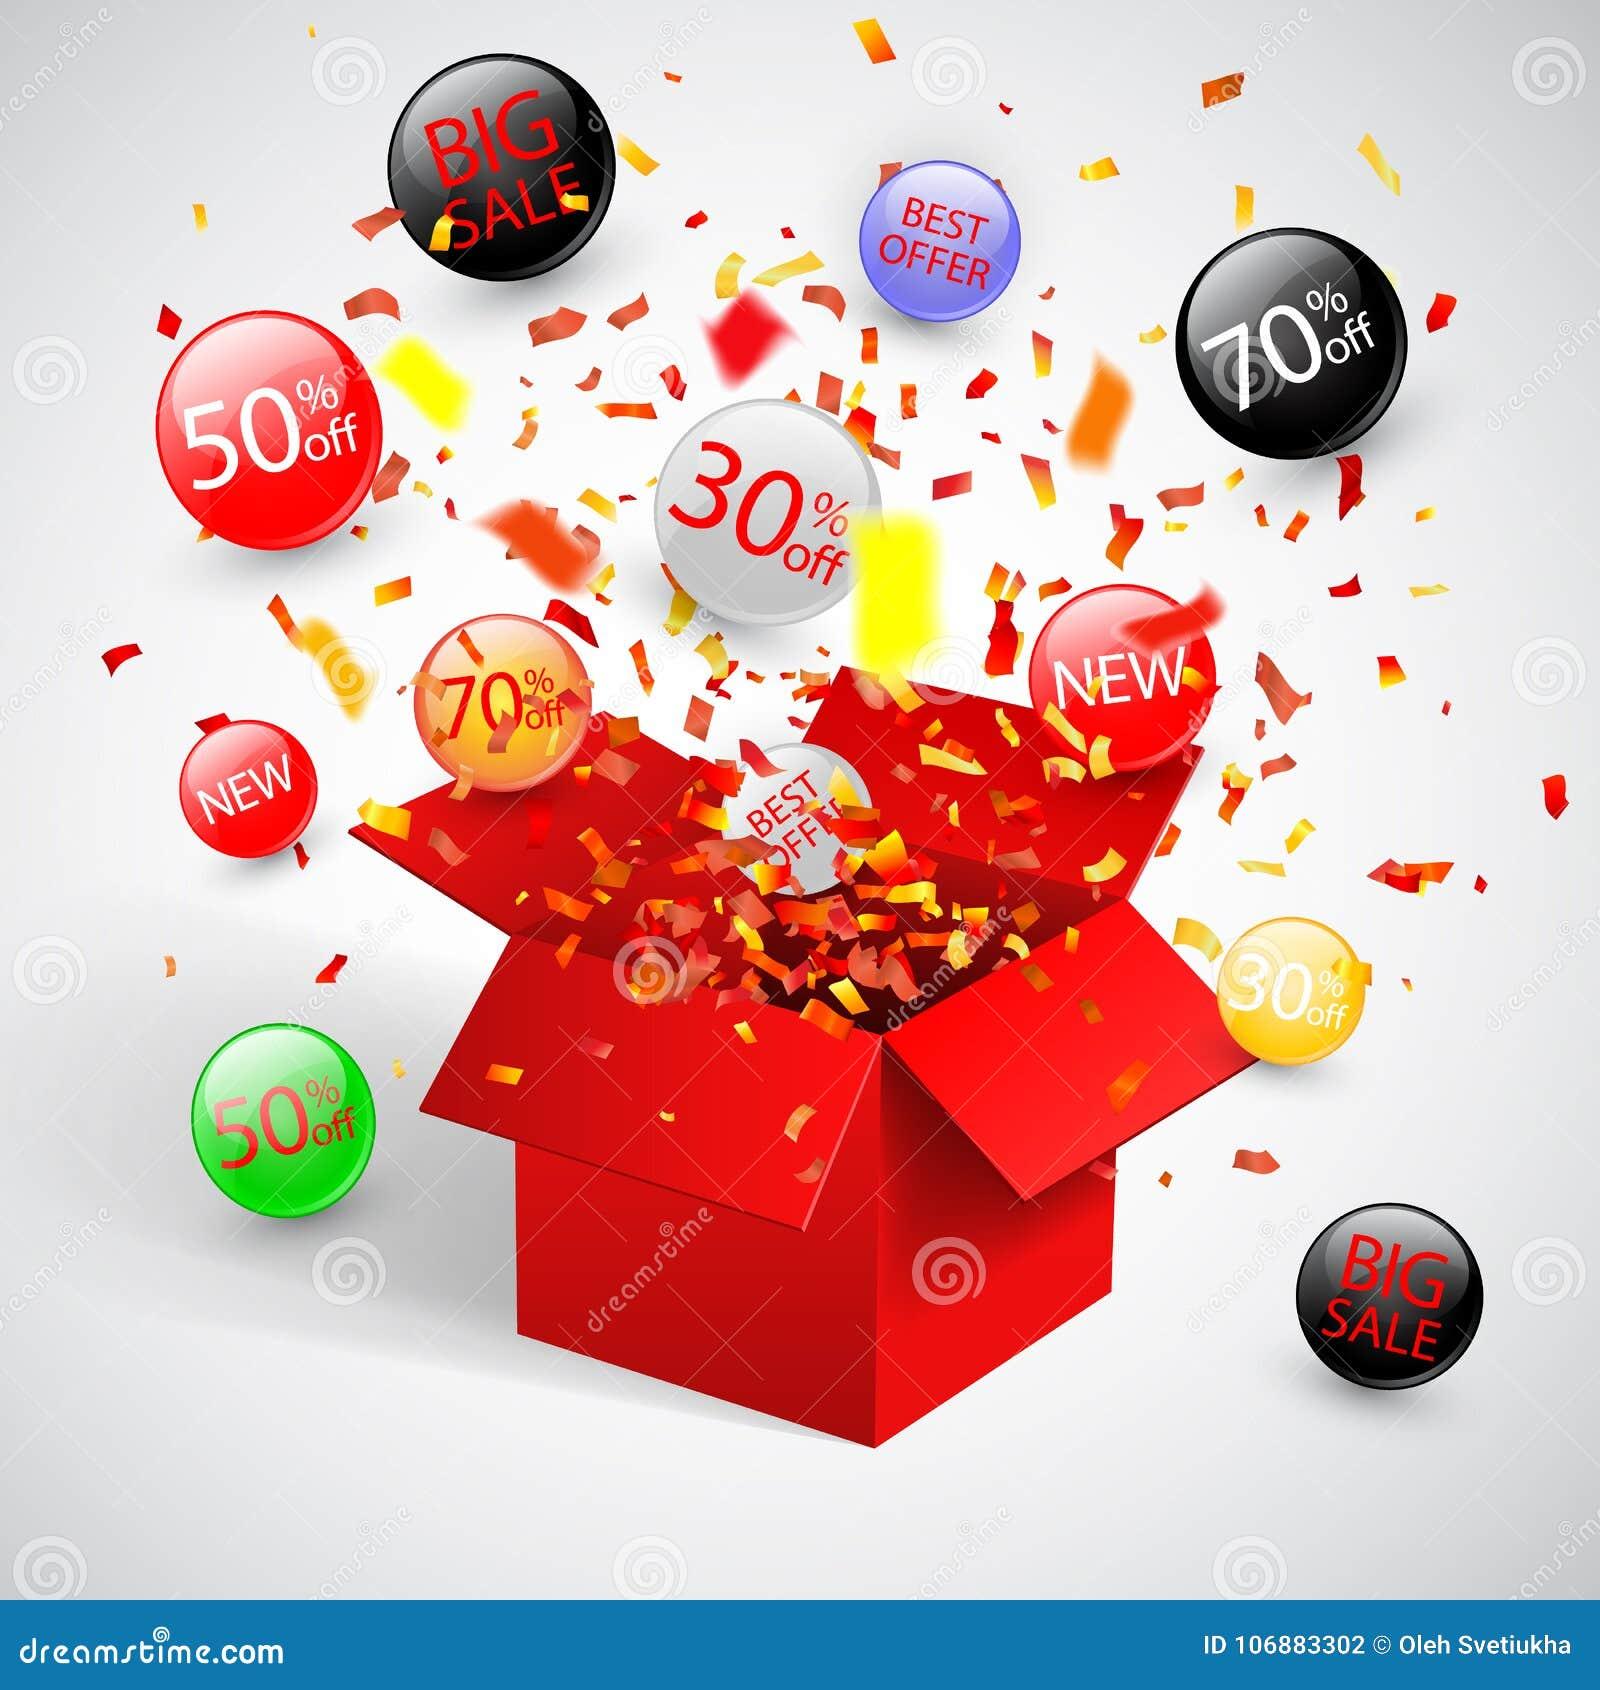 Ειδικό σύμβολο έκπτωσης πώλησης προσφοράς με τις ανοικτές κόκκινες ετικέτες δώρων και ροής Εύχρηστος για το σχέδιό σας